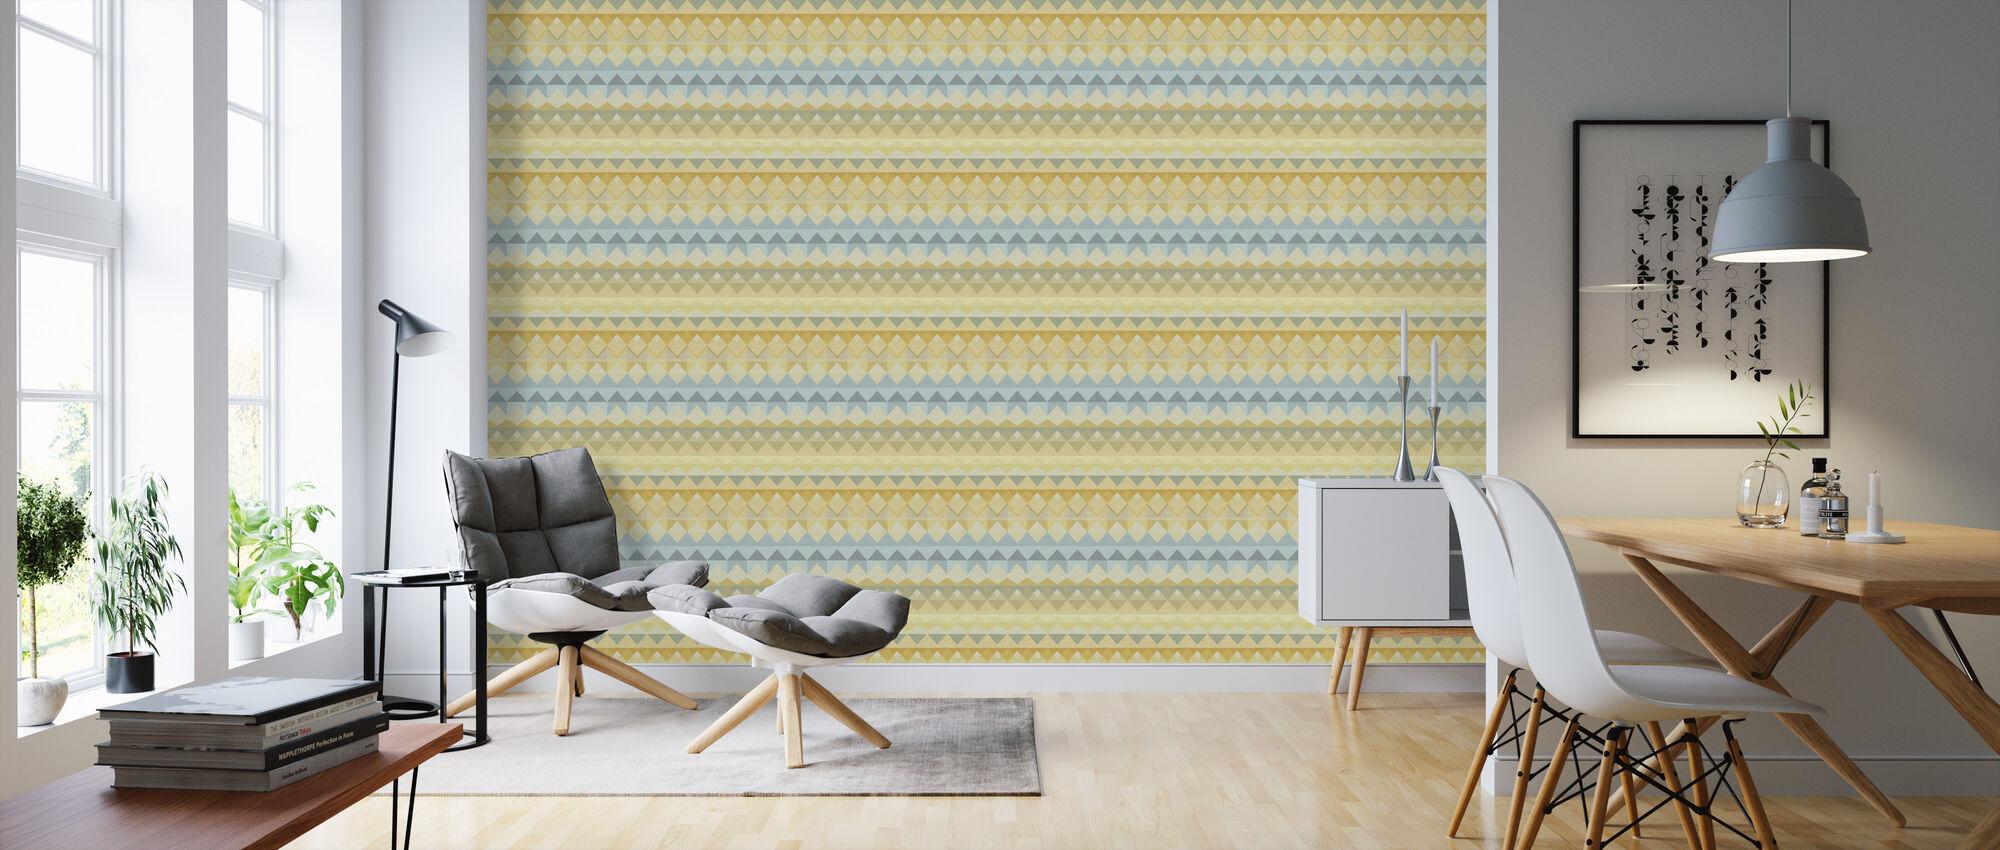 Weave Light - Wallpaper - Living Room